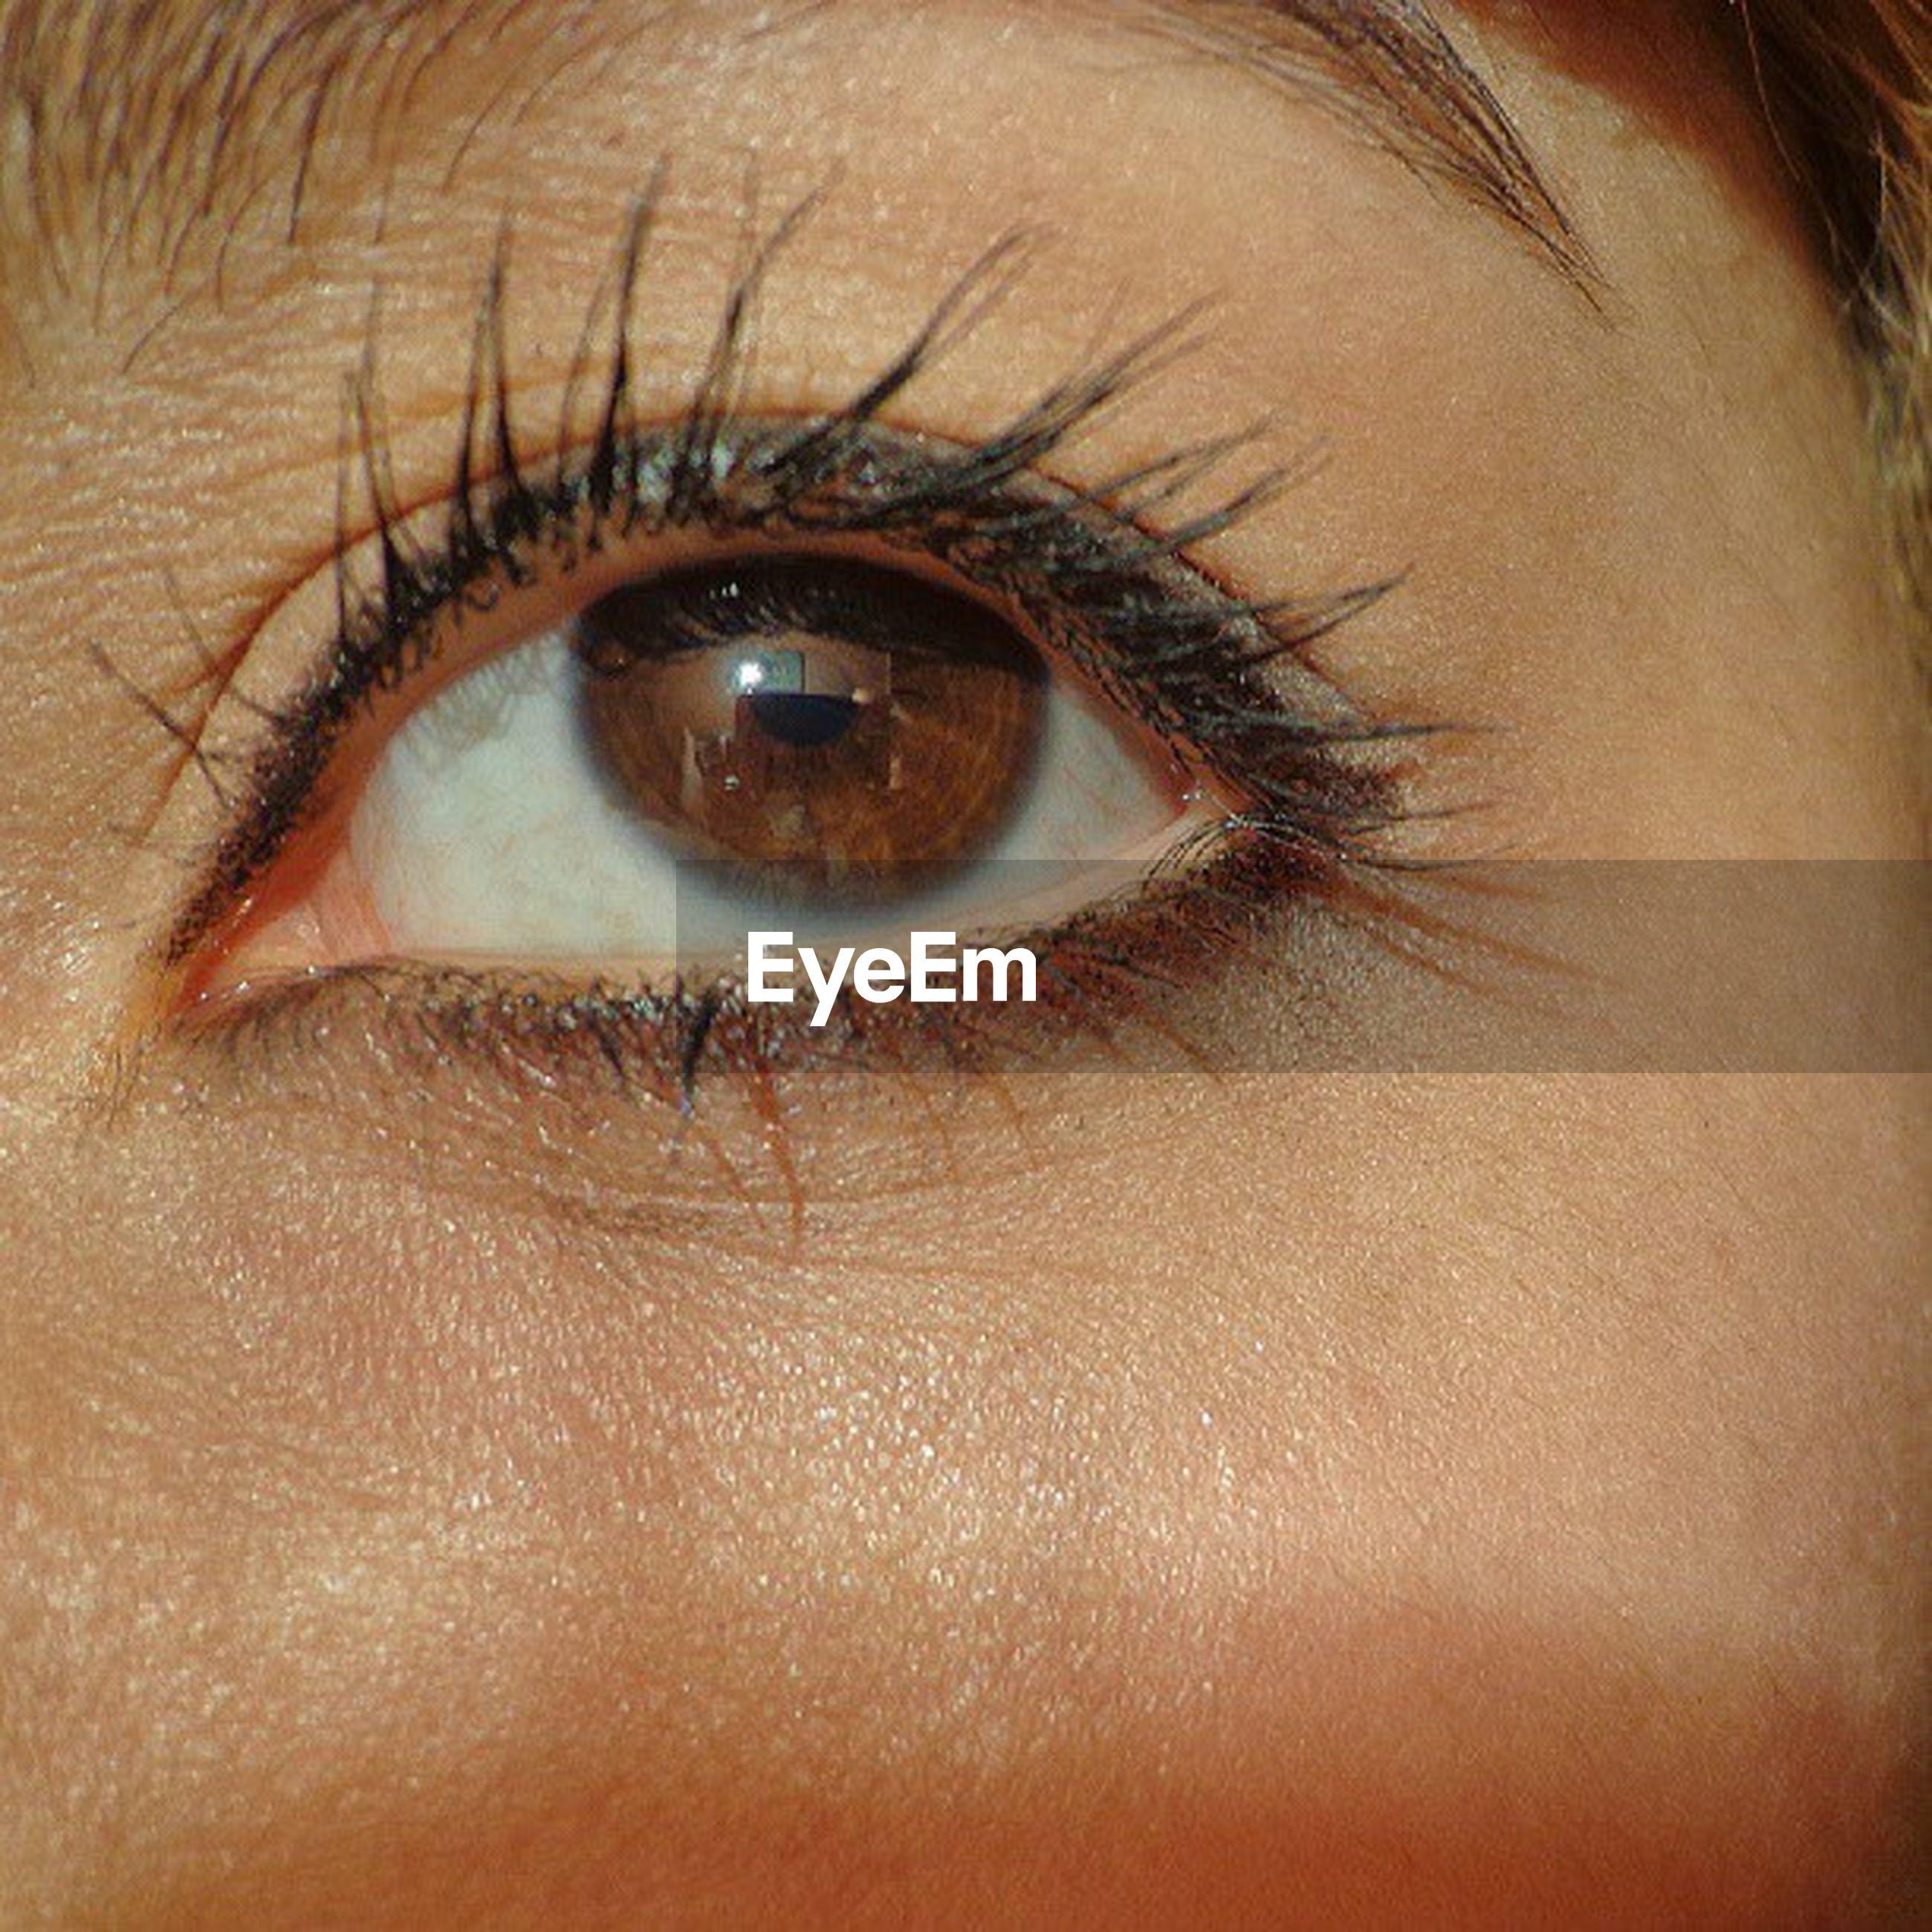 human eye, eyelash, close-up, eyesight, looking at camera, human skin, extreme close-up, portrait, sensory perception, part of, iris - eye, eyeball, human face, extreme close up, eyebrow, full frame, indoors